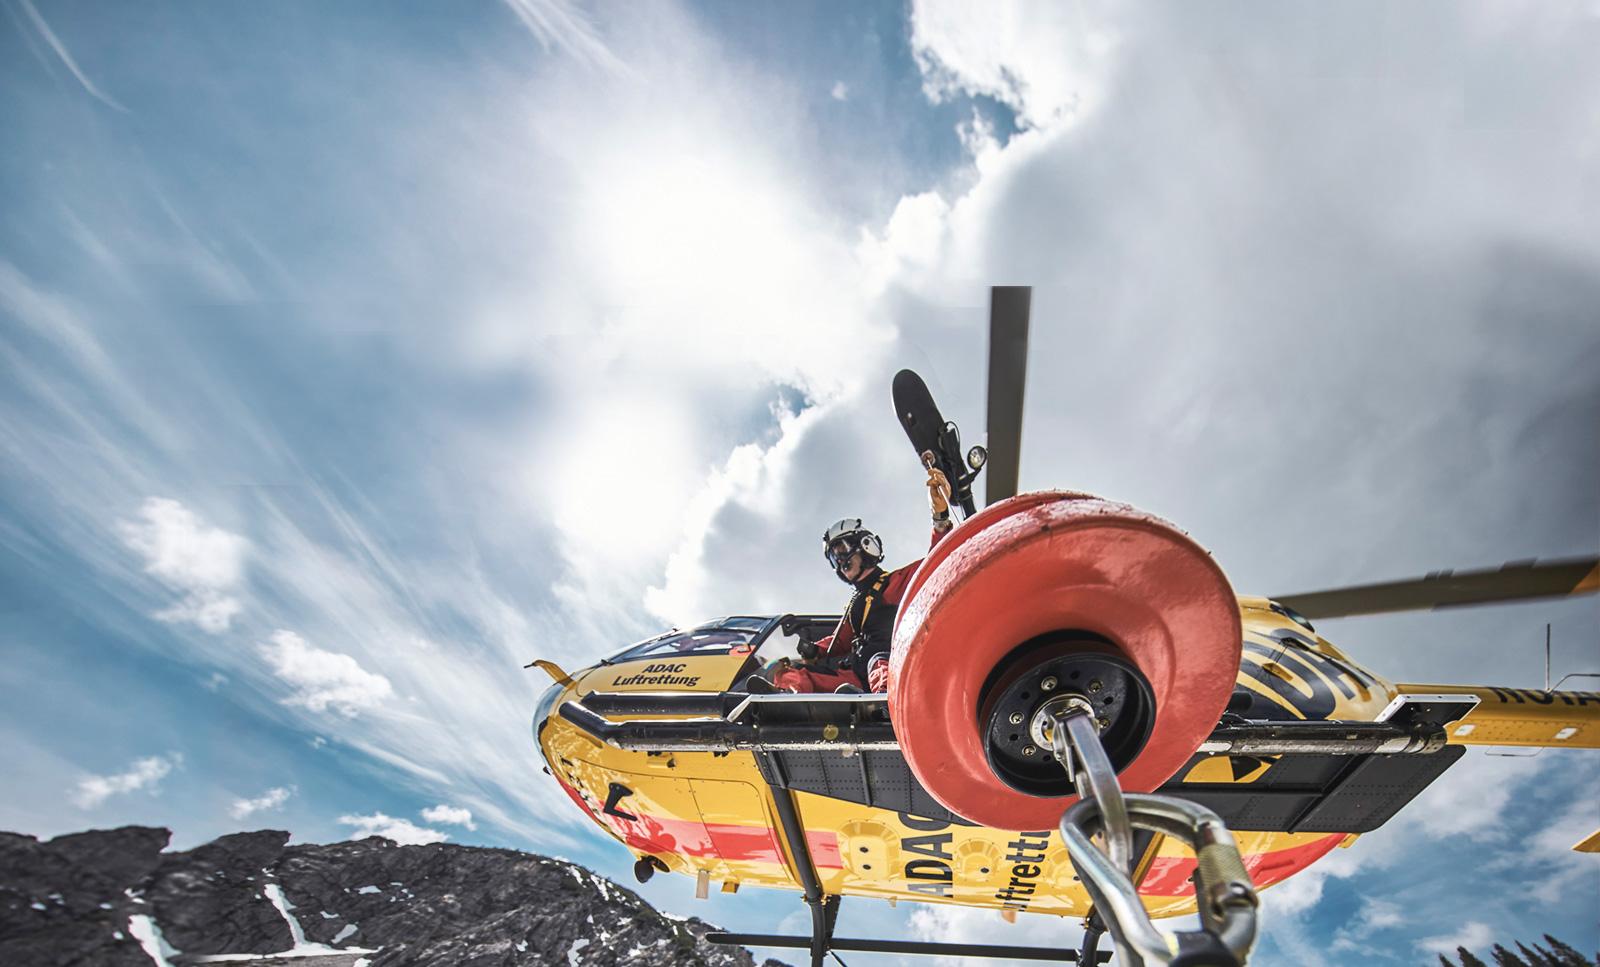 Foto der Windenrettung bei ADAC Luftrettung